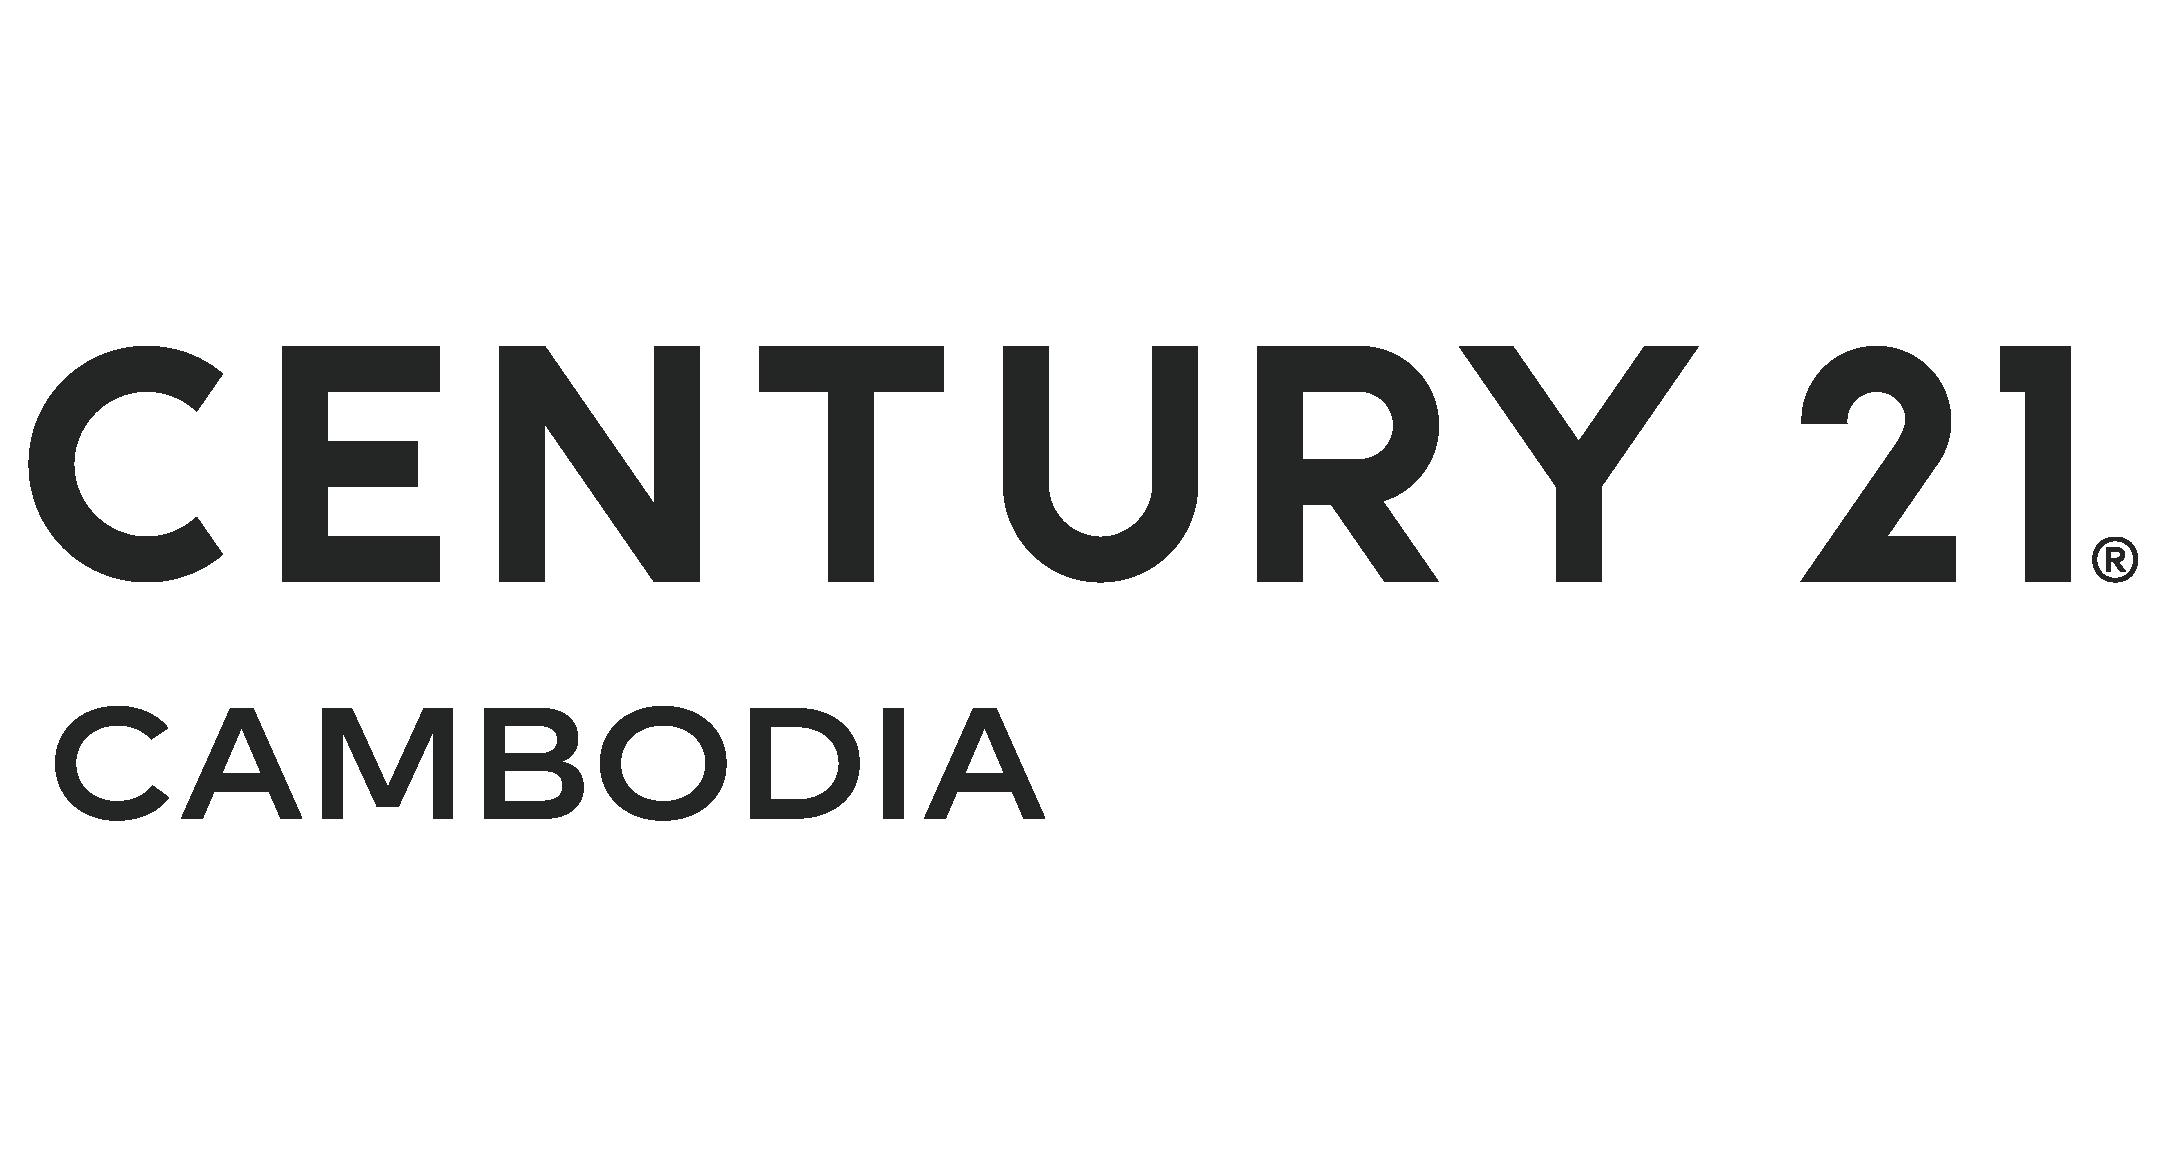 Century 21 Cambodia